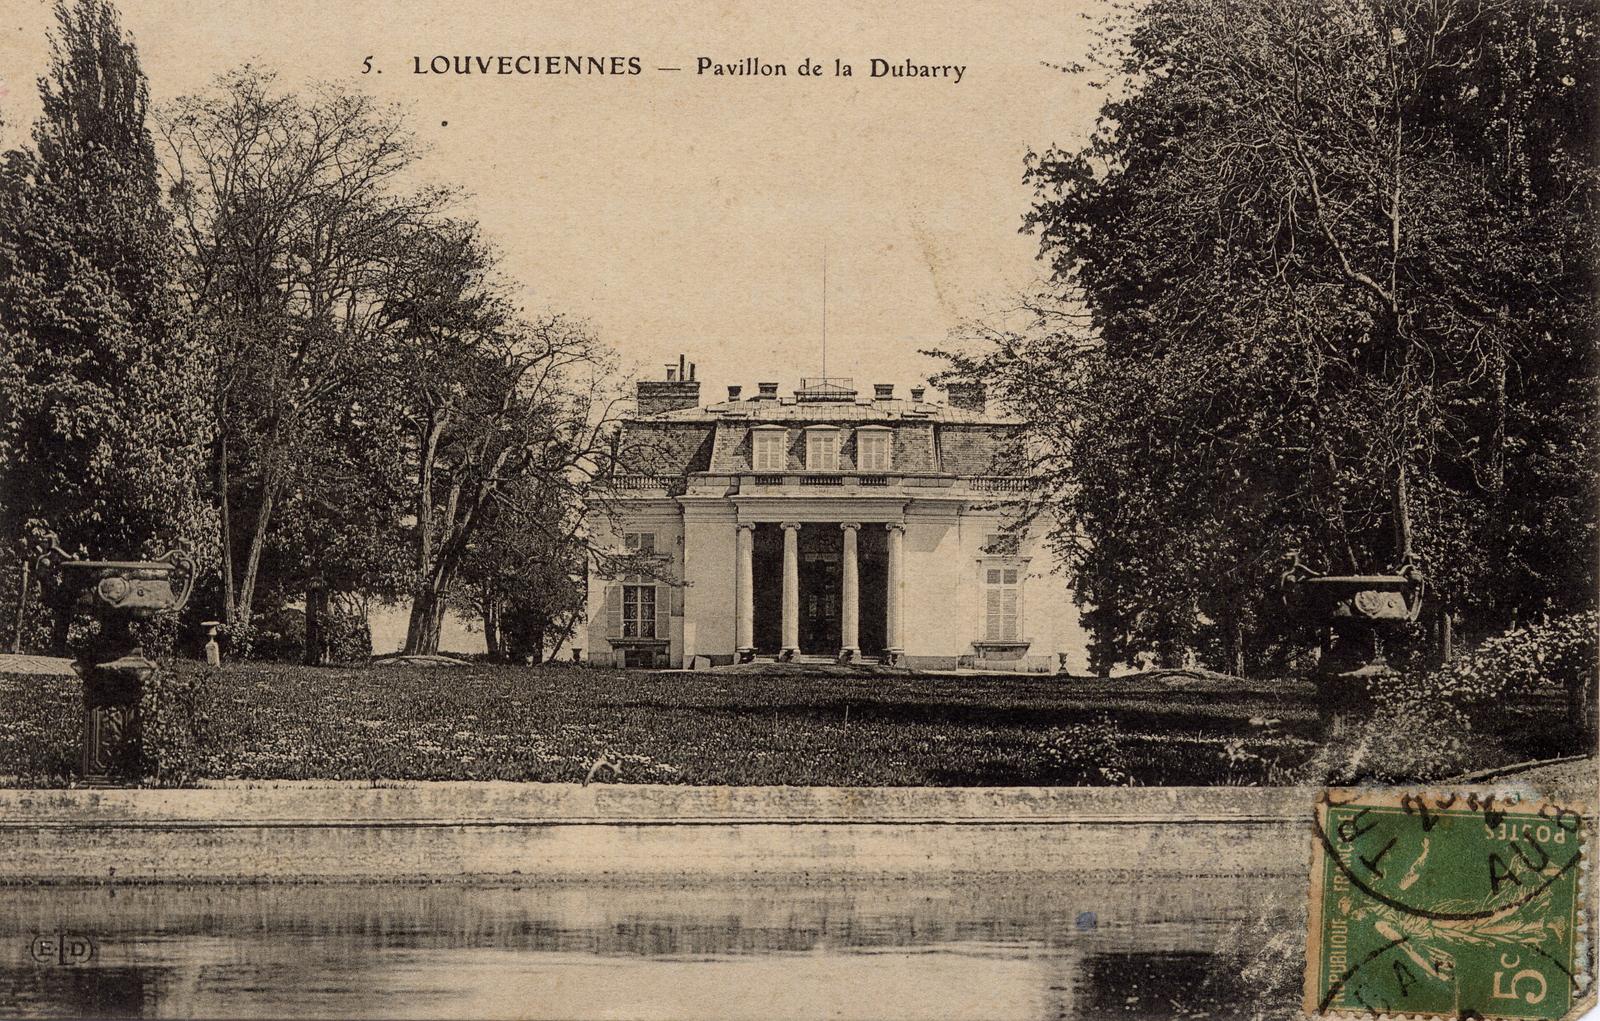 """Louveciennes - CHÂTEAU DU BARRY : Ancienne résidence d'Arnold de Ville, ingénieur de la machine hydraulique de Marly. La propriété, sous le règne de Louis XV fut offerte à Mme du Barry en 1771. Nicolas Ledoux fut chargé par le roi d'établir les plans d'un pavillon de musique dans le parc. Restauré par l'architecte Gabriel et les ébénistes Guibert et Rousseau en 1769, le château reste en sa possession jusqu'en 1793. L'époque du Barry marque un moment important de l'histoire de l'art avec les tableaux de Greuze à Vernet, les sculptures, la vaisselle et les meubles. De 1818 à 1846, le banquier Pierre Laffitte restaure le château. Le financier anglais Bowes et son épouse Mlle Delorme, actrice et peintre, y donnent de grandes réceptions sous le Second Empire. Le banquier Salomon-Hayun Goldsmith et son fils Léopold, propriétaire du château dans le dernier quart du XIXème siècle, remplacent l'entrée du château par une grille en fer forgé et font construire par l'architecte Goury, en brique et en pierre, le """"pavillon de la grille"""". Ces éléments monumentaux contrastent avec le château du Barry, mais sont typiques de l'époque du métal Dans les années 1980, le château, comme ceux de Rosny-sur-Seine et de Millemont fut acquis en vue d'une exploitation commerciale par un couple étranger, Kiiko Nakahara et Jean-Paul Renoir (de son vrai nom Jean-Claude Perez-Vanneste), via une société japonaise du père de Mme Nakahara, M. Hideki Yokoi, appelée Nippon Sangyō KK. Le couple dispersa tout le mobilier, et laissa le bâtiment à l'abandon. Squatté, le château subit diverses dégradations et, en 1994, une tentative d'enlèvement de boiseries et d'une cheminée fut déjouée de justesse par la police. Le propriétaire japonais a alors remis la propriété en vente. Celle-ci a été achetée par un investisseur français qui l'a soigneusement restaurée."""